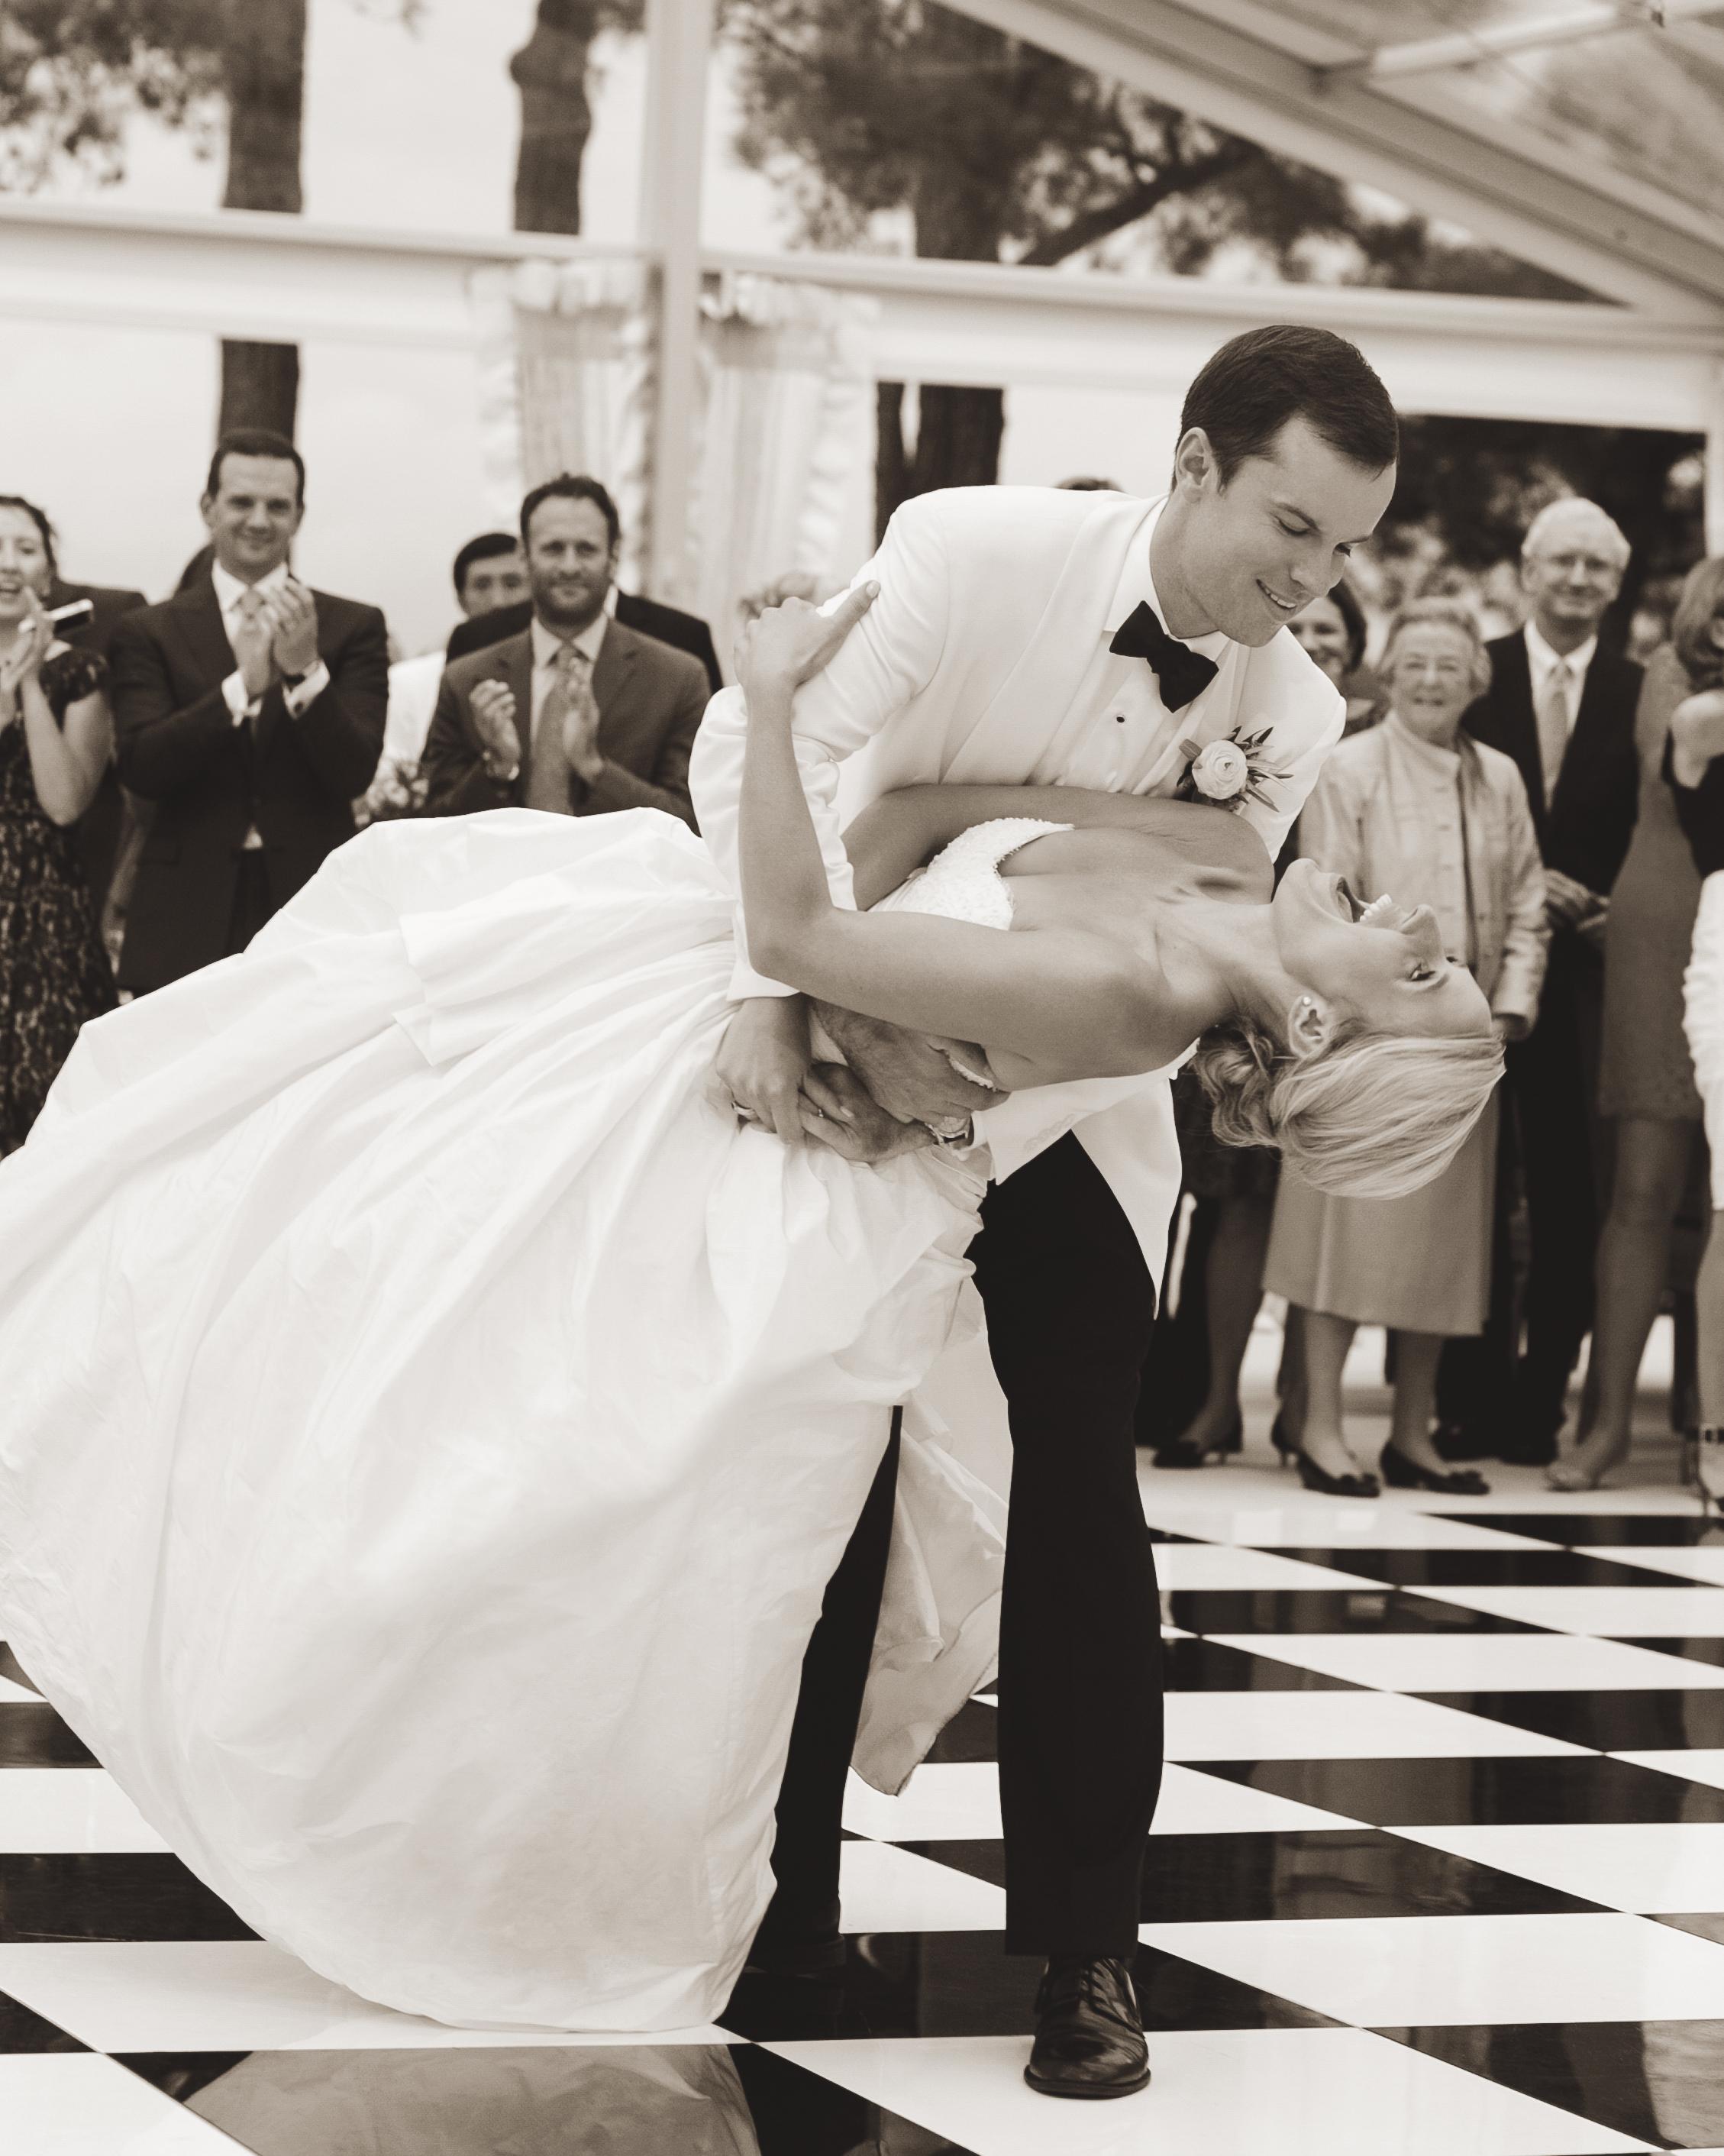 cameron-jake-wedding-maryland-1049-s112481-bw.jpg